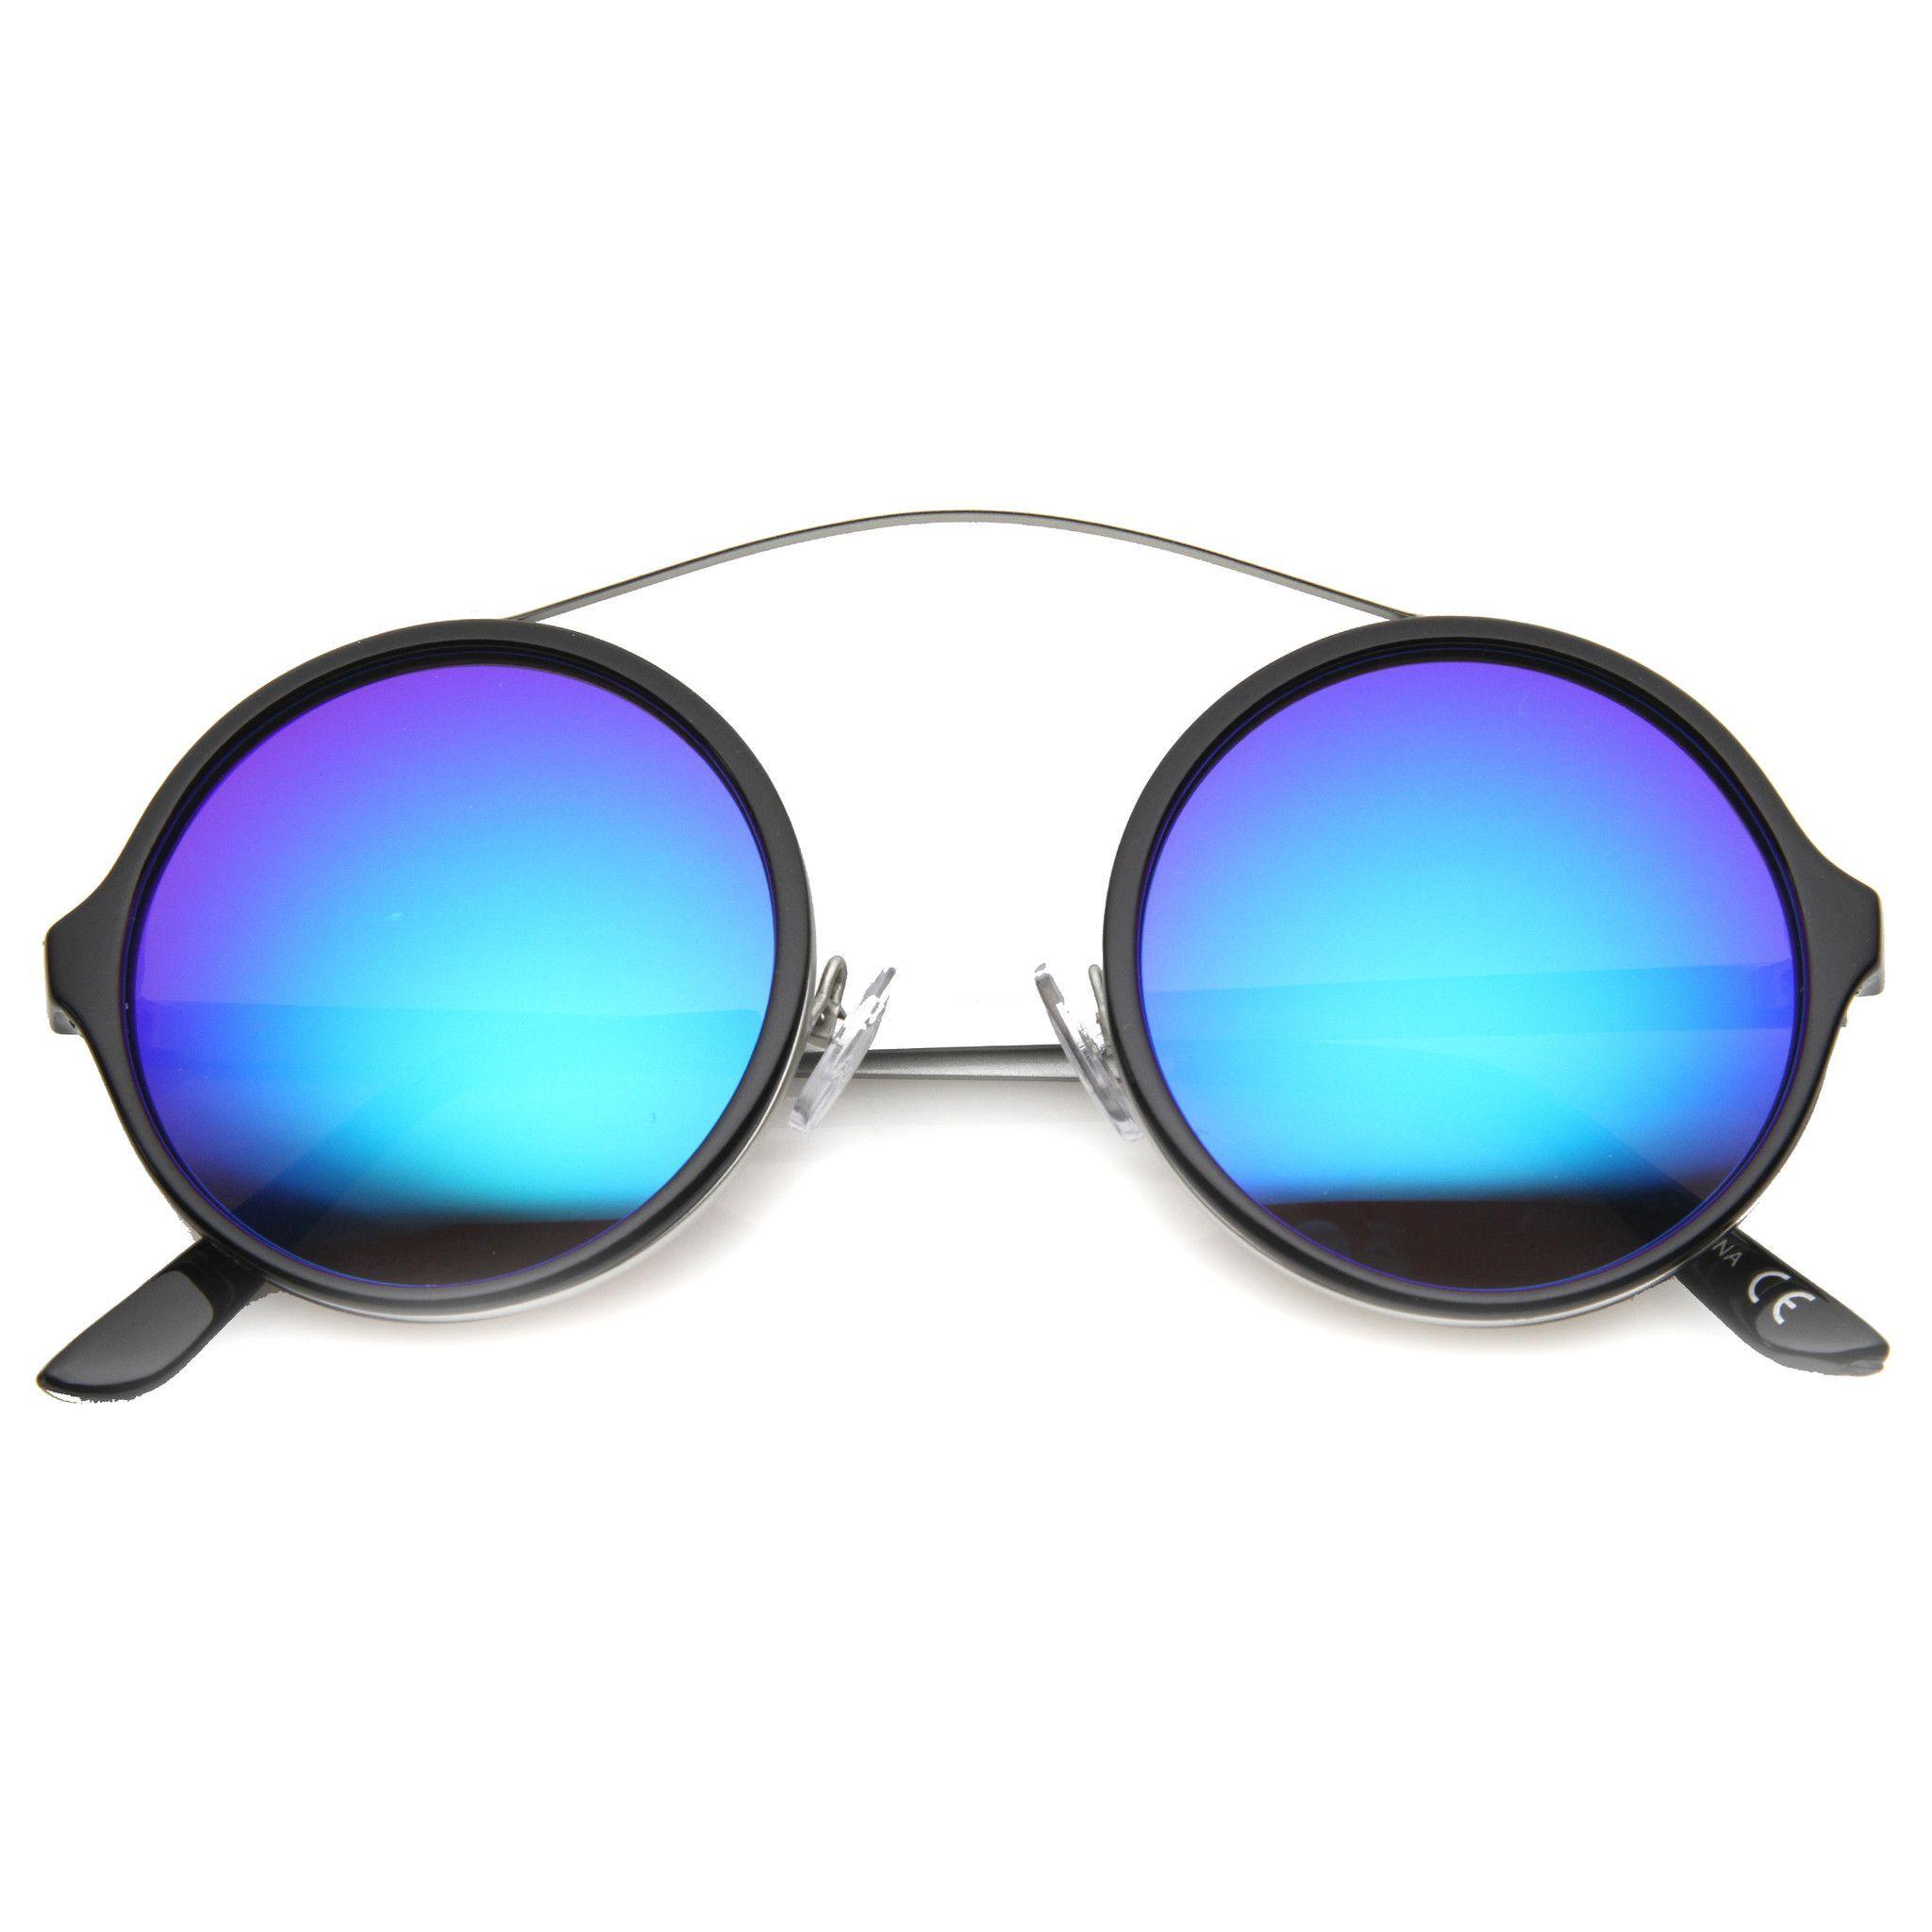 0eada9c4dc7a Retro High Cross Bar Mirror Lens Round Sunglasses 9842